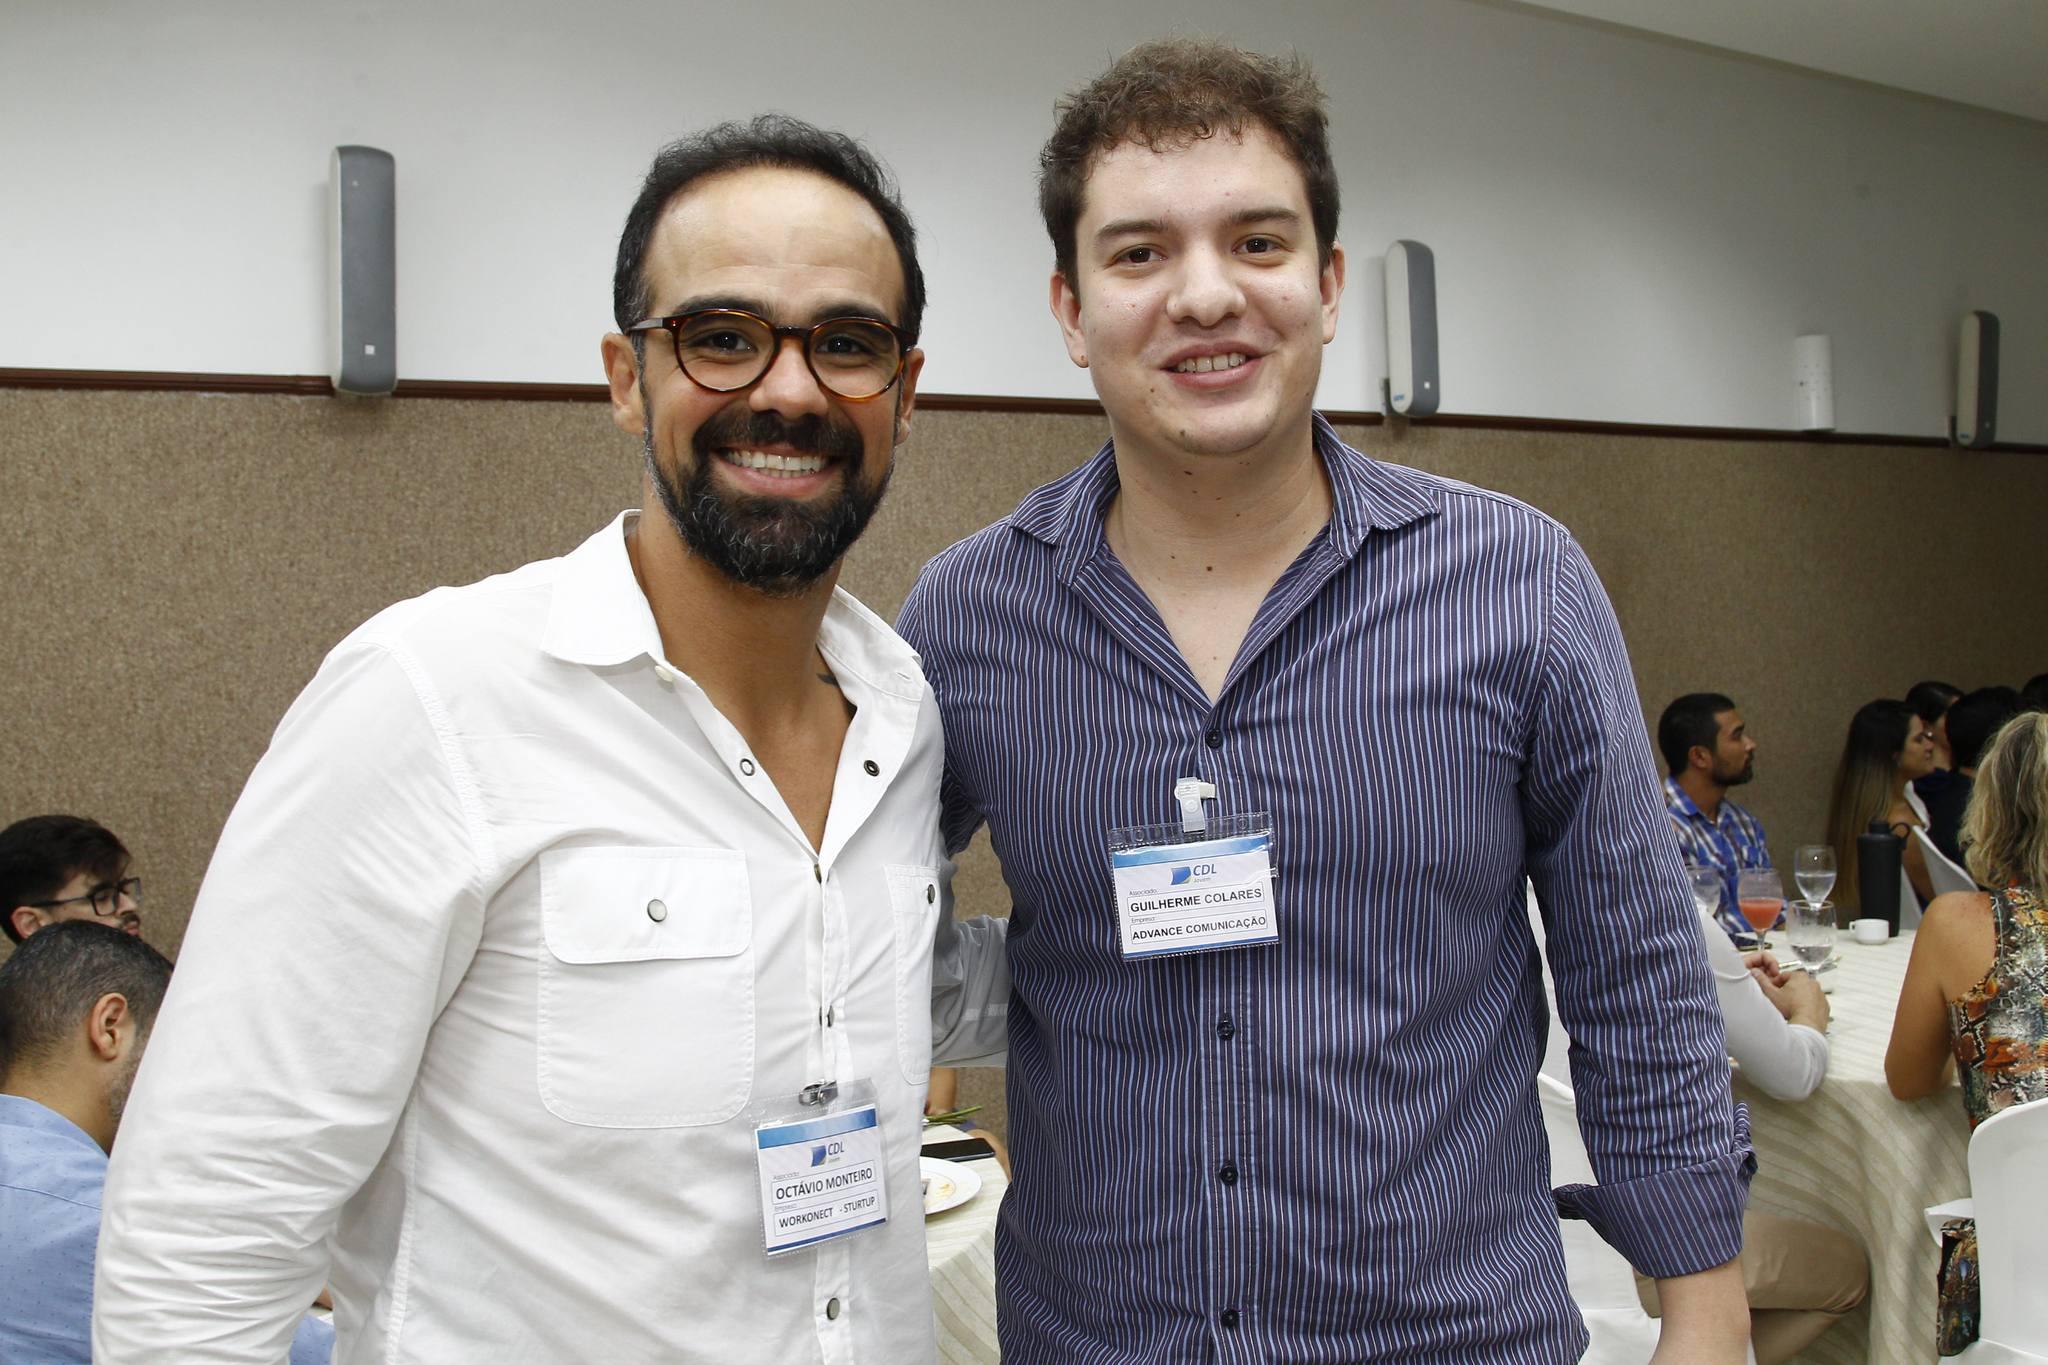 Tavinho Brigido E Guilherme Colares